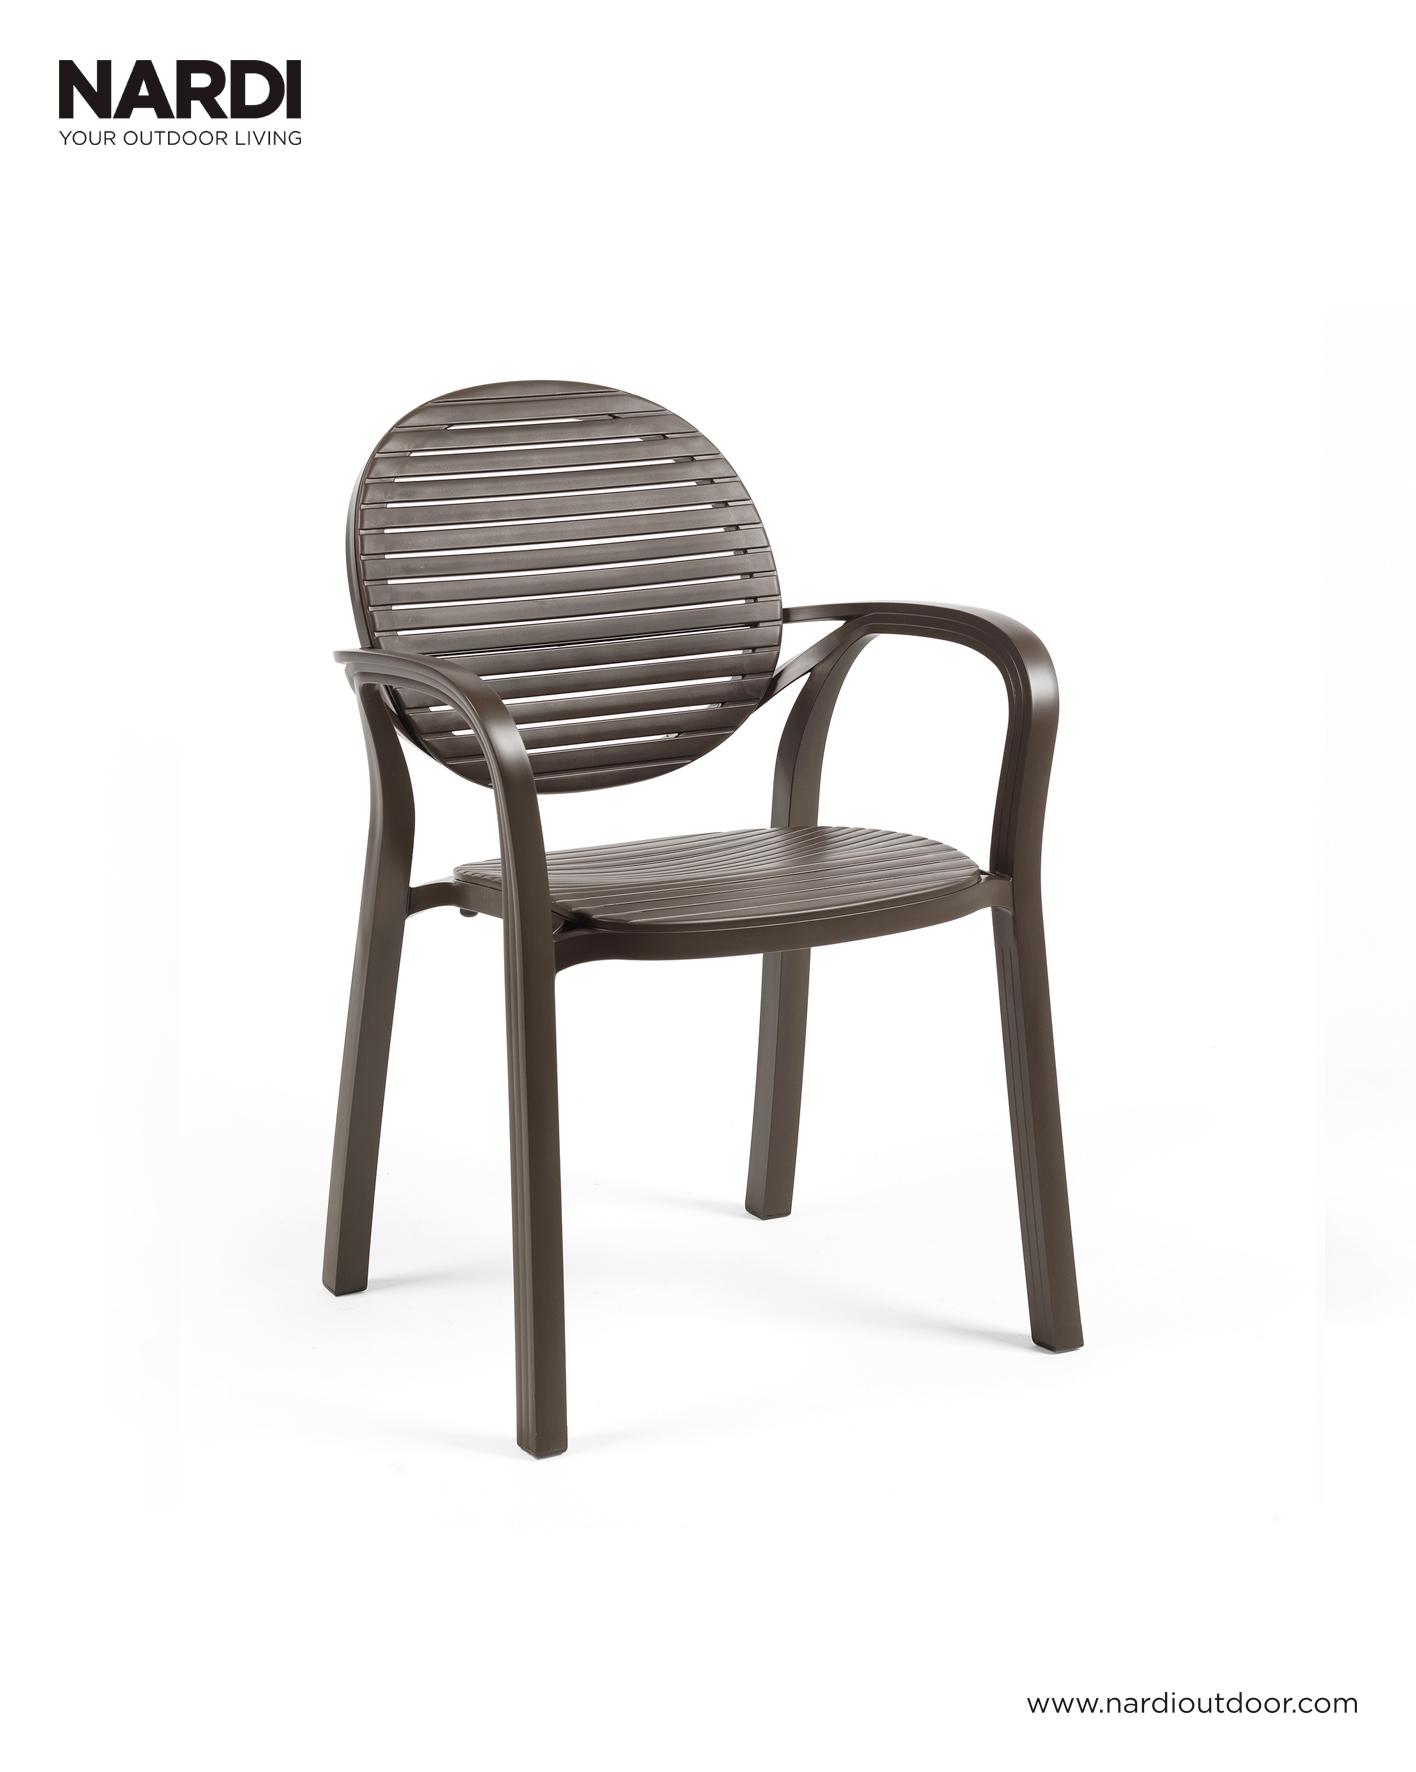 Krzesło ogrodowe na taras Gardenia NARDI